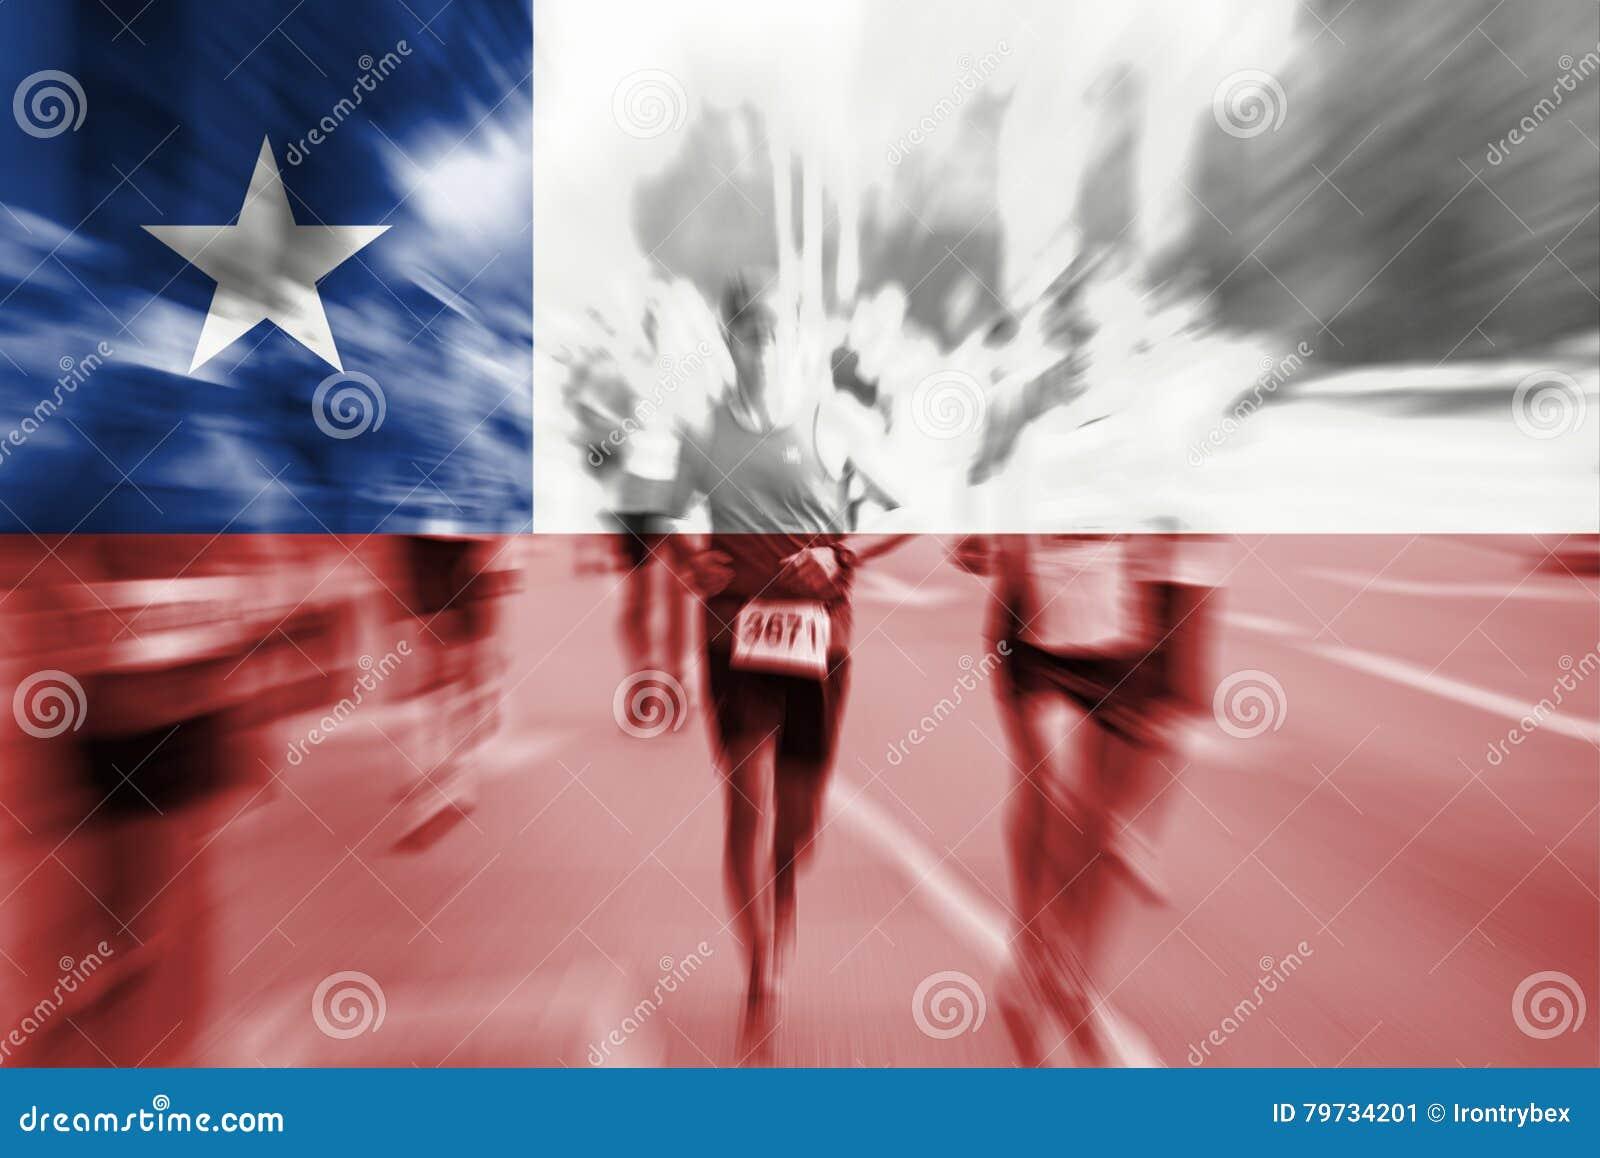 Falta de definición de movimiento del corredor de maratón con la mezcla de la bandera de Chile